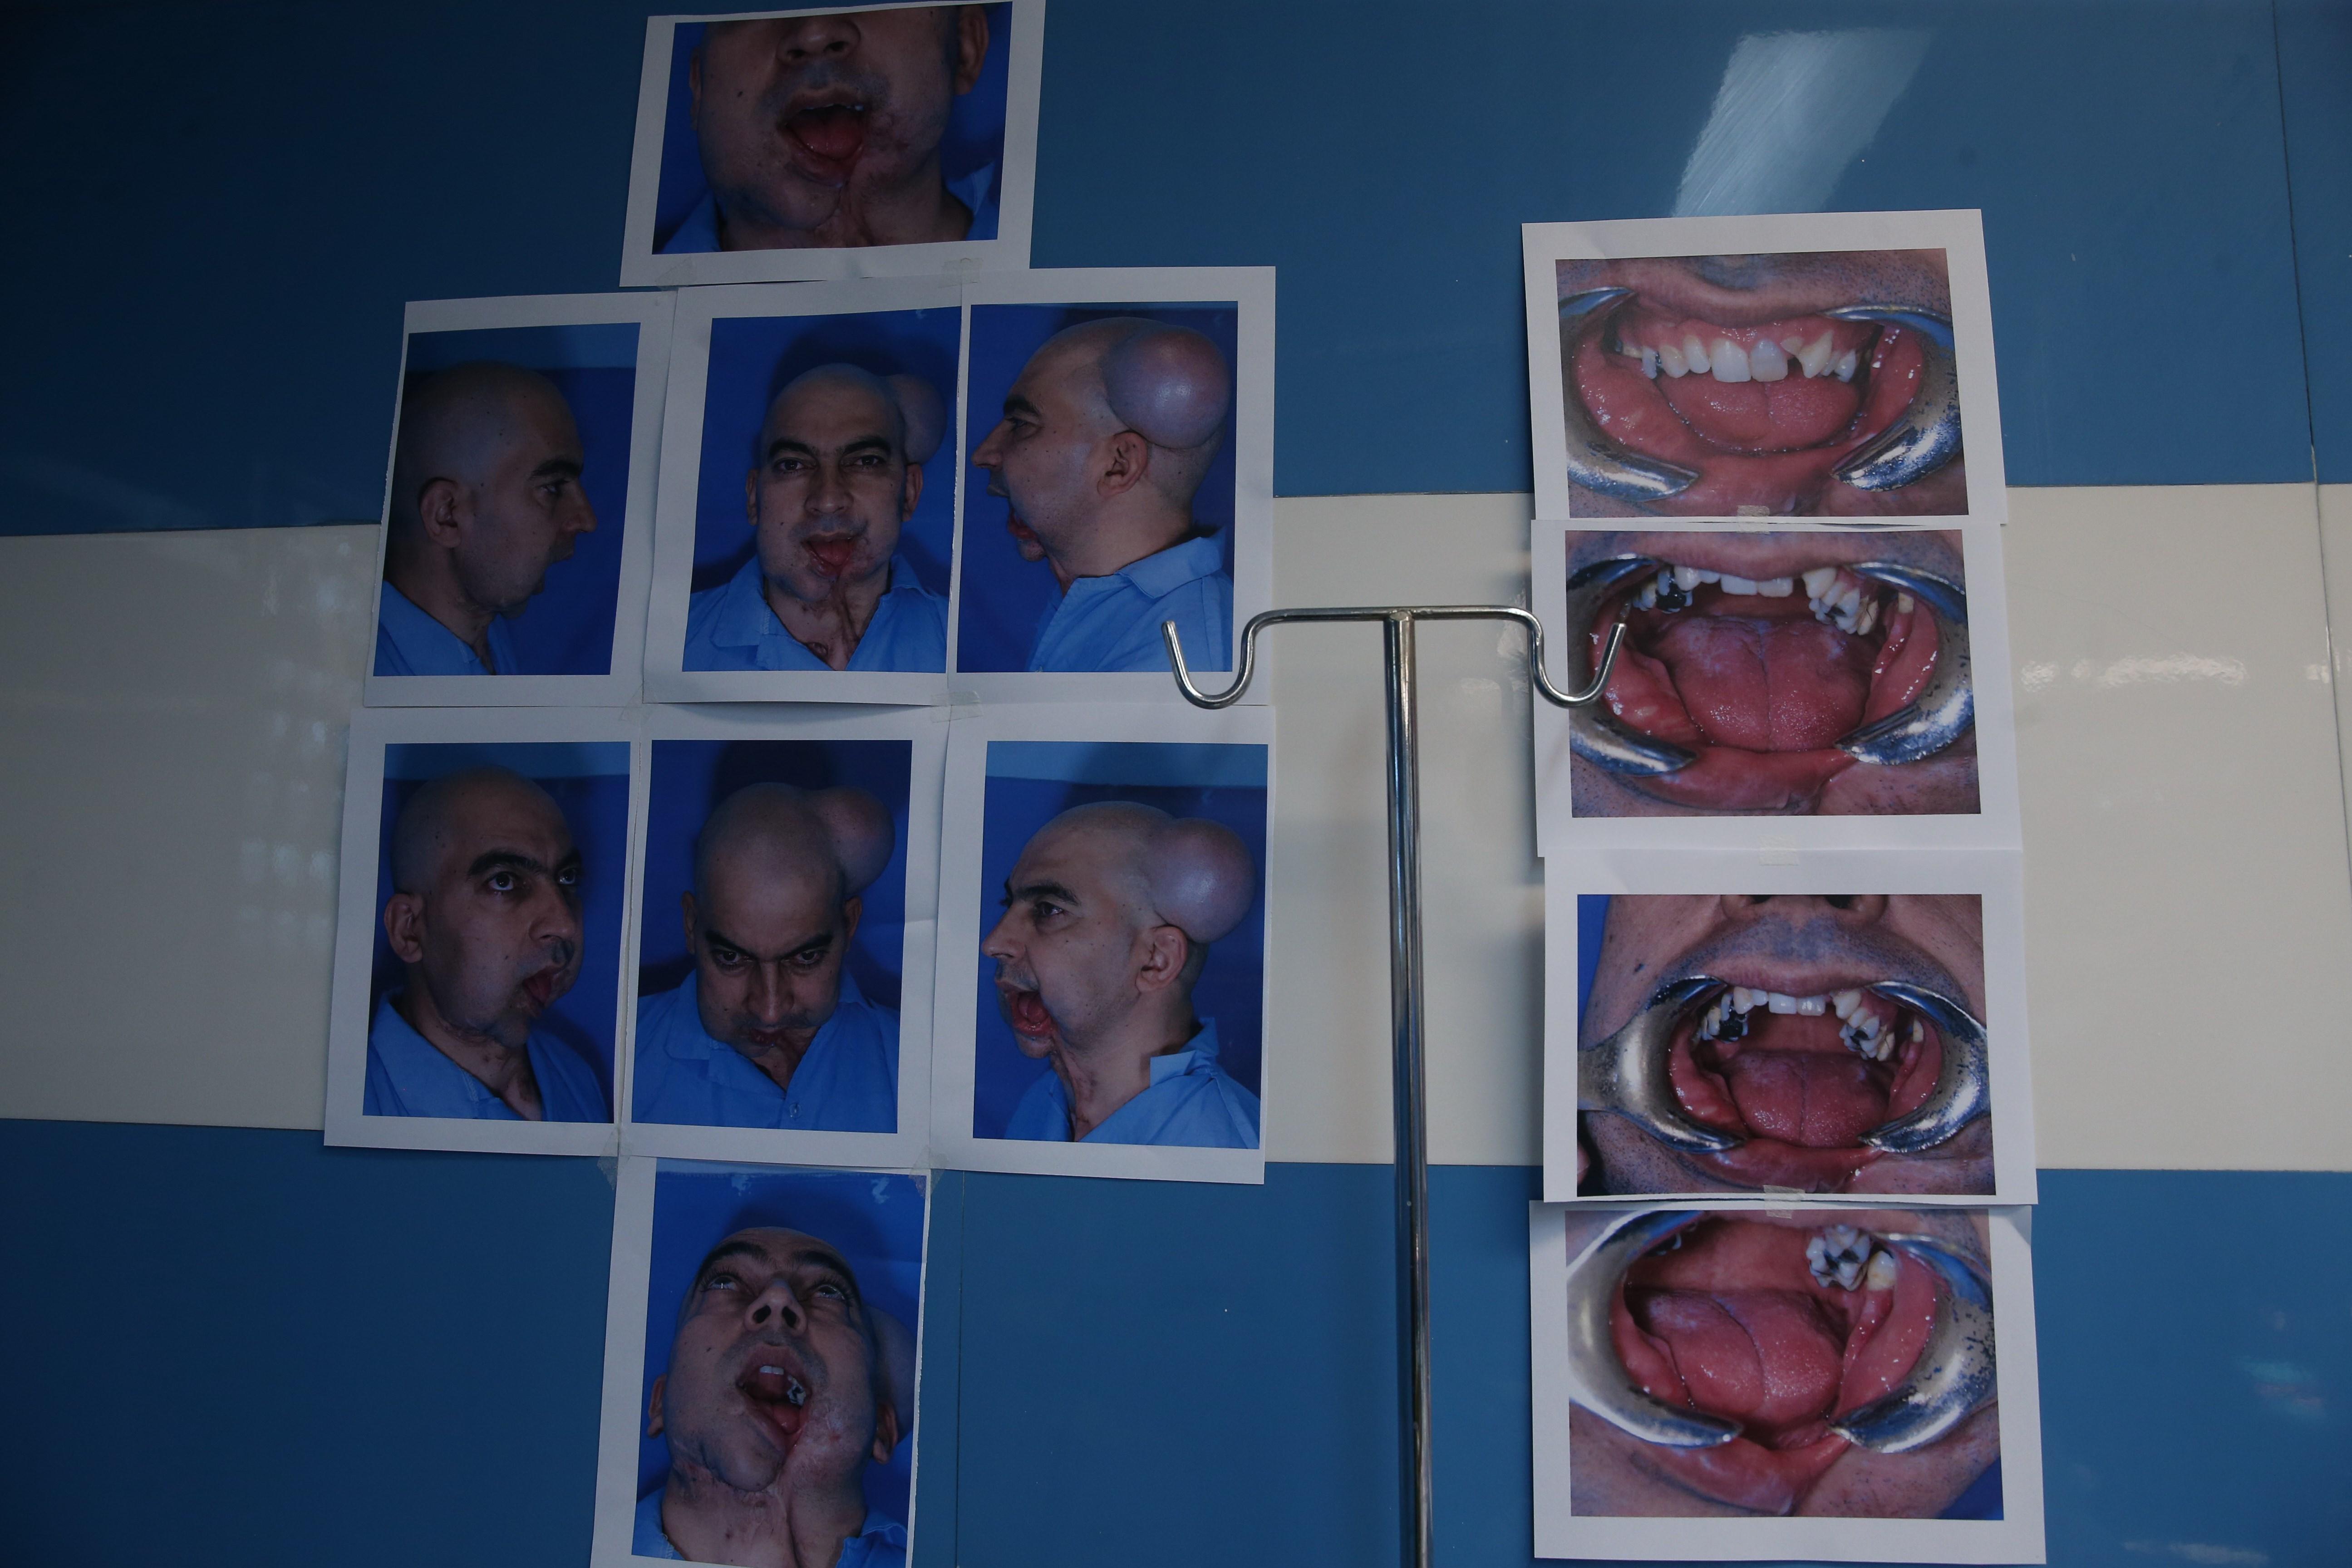 انجام جراحی منحصربهفرد بازسازی فک و صورت در بیمارستان آیتالله طالقانی